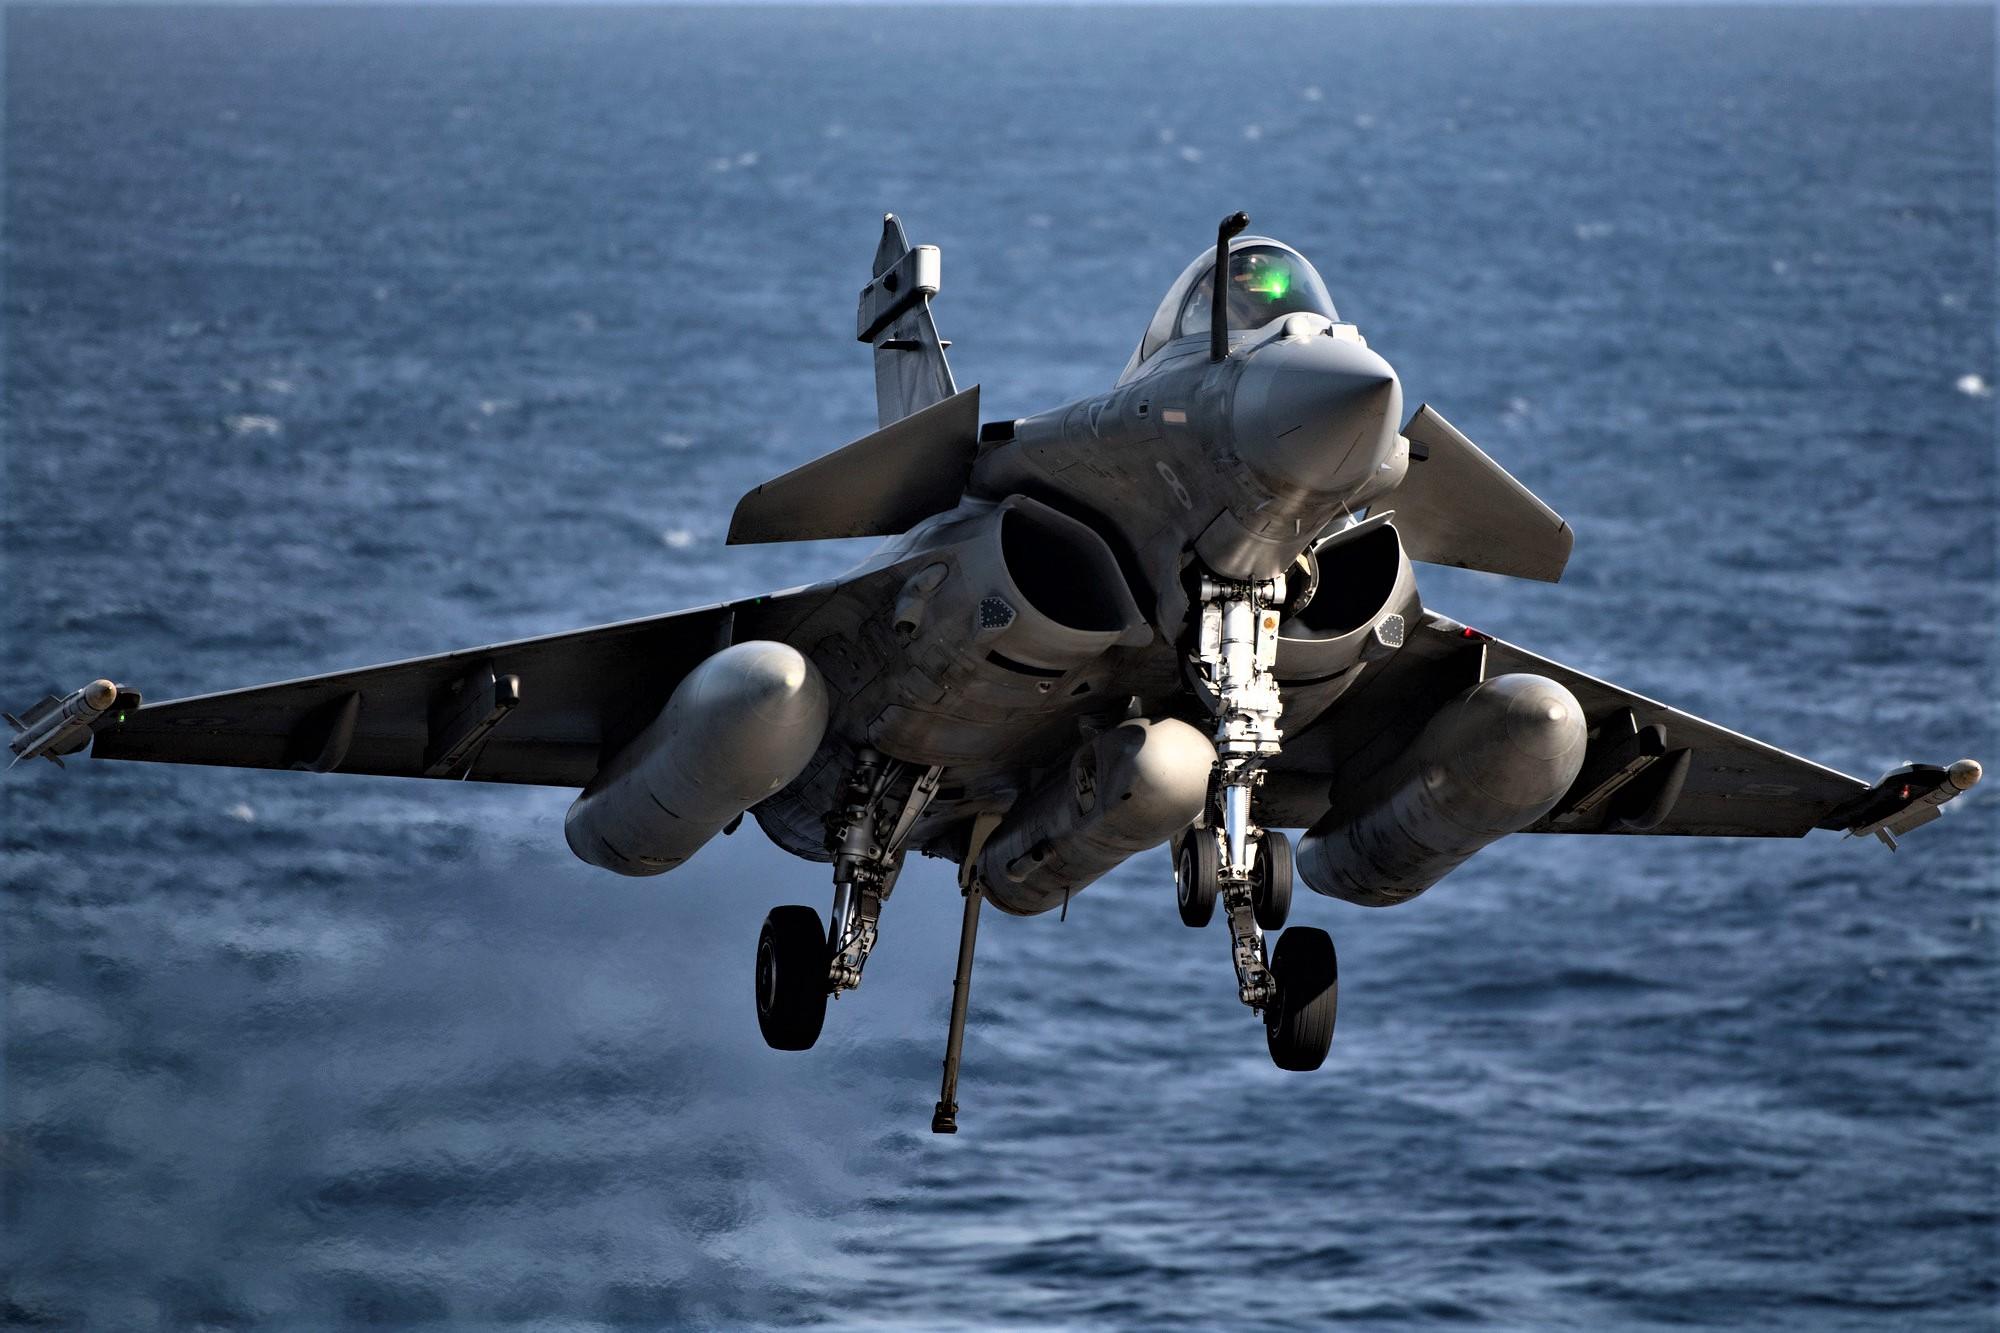 """Ελβετία: Δημοψήφισμα για το αν θα αγοράσουν μαχητικά αεροσκάφη! """"Τι τα θέλουμε;"""""""